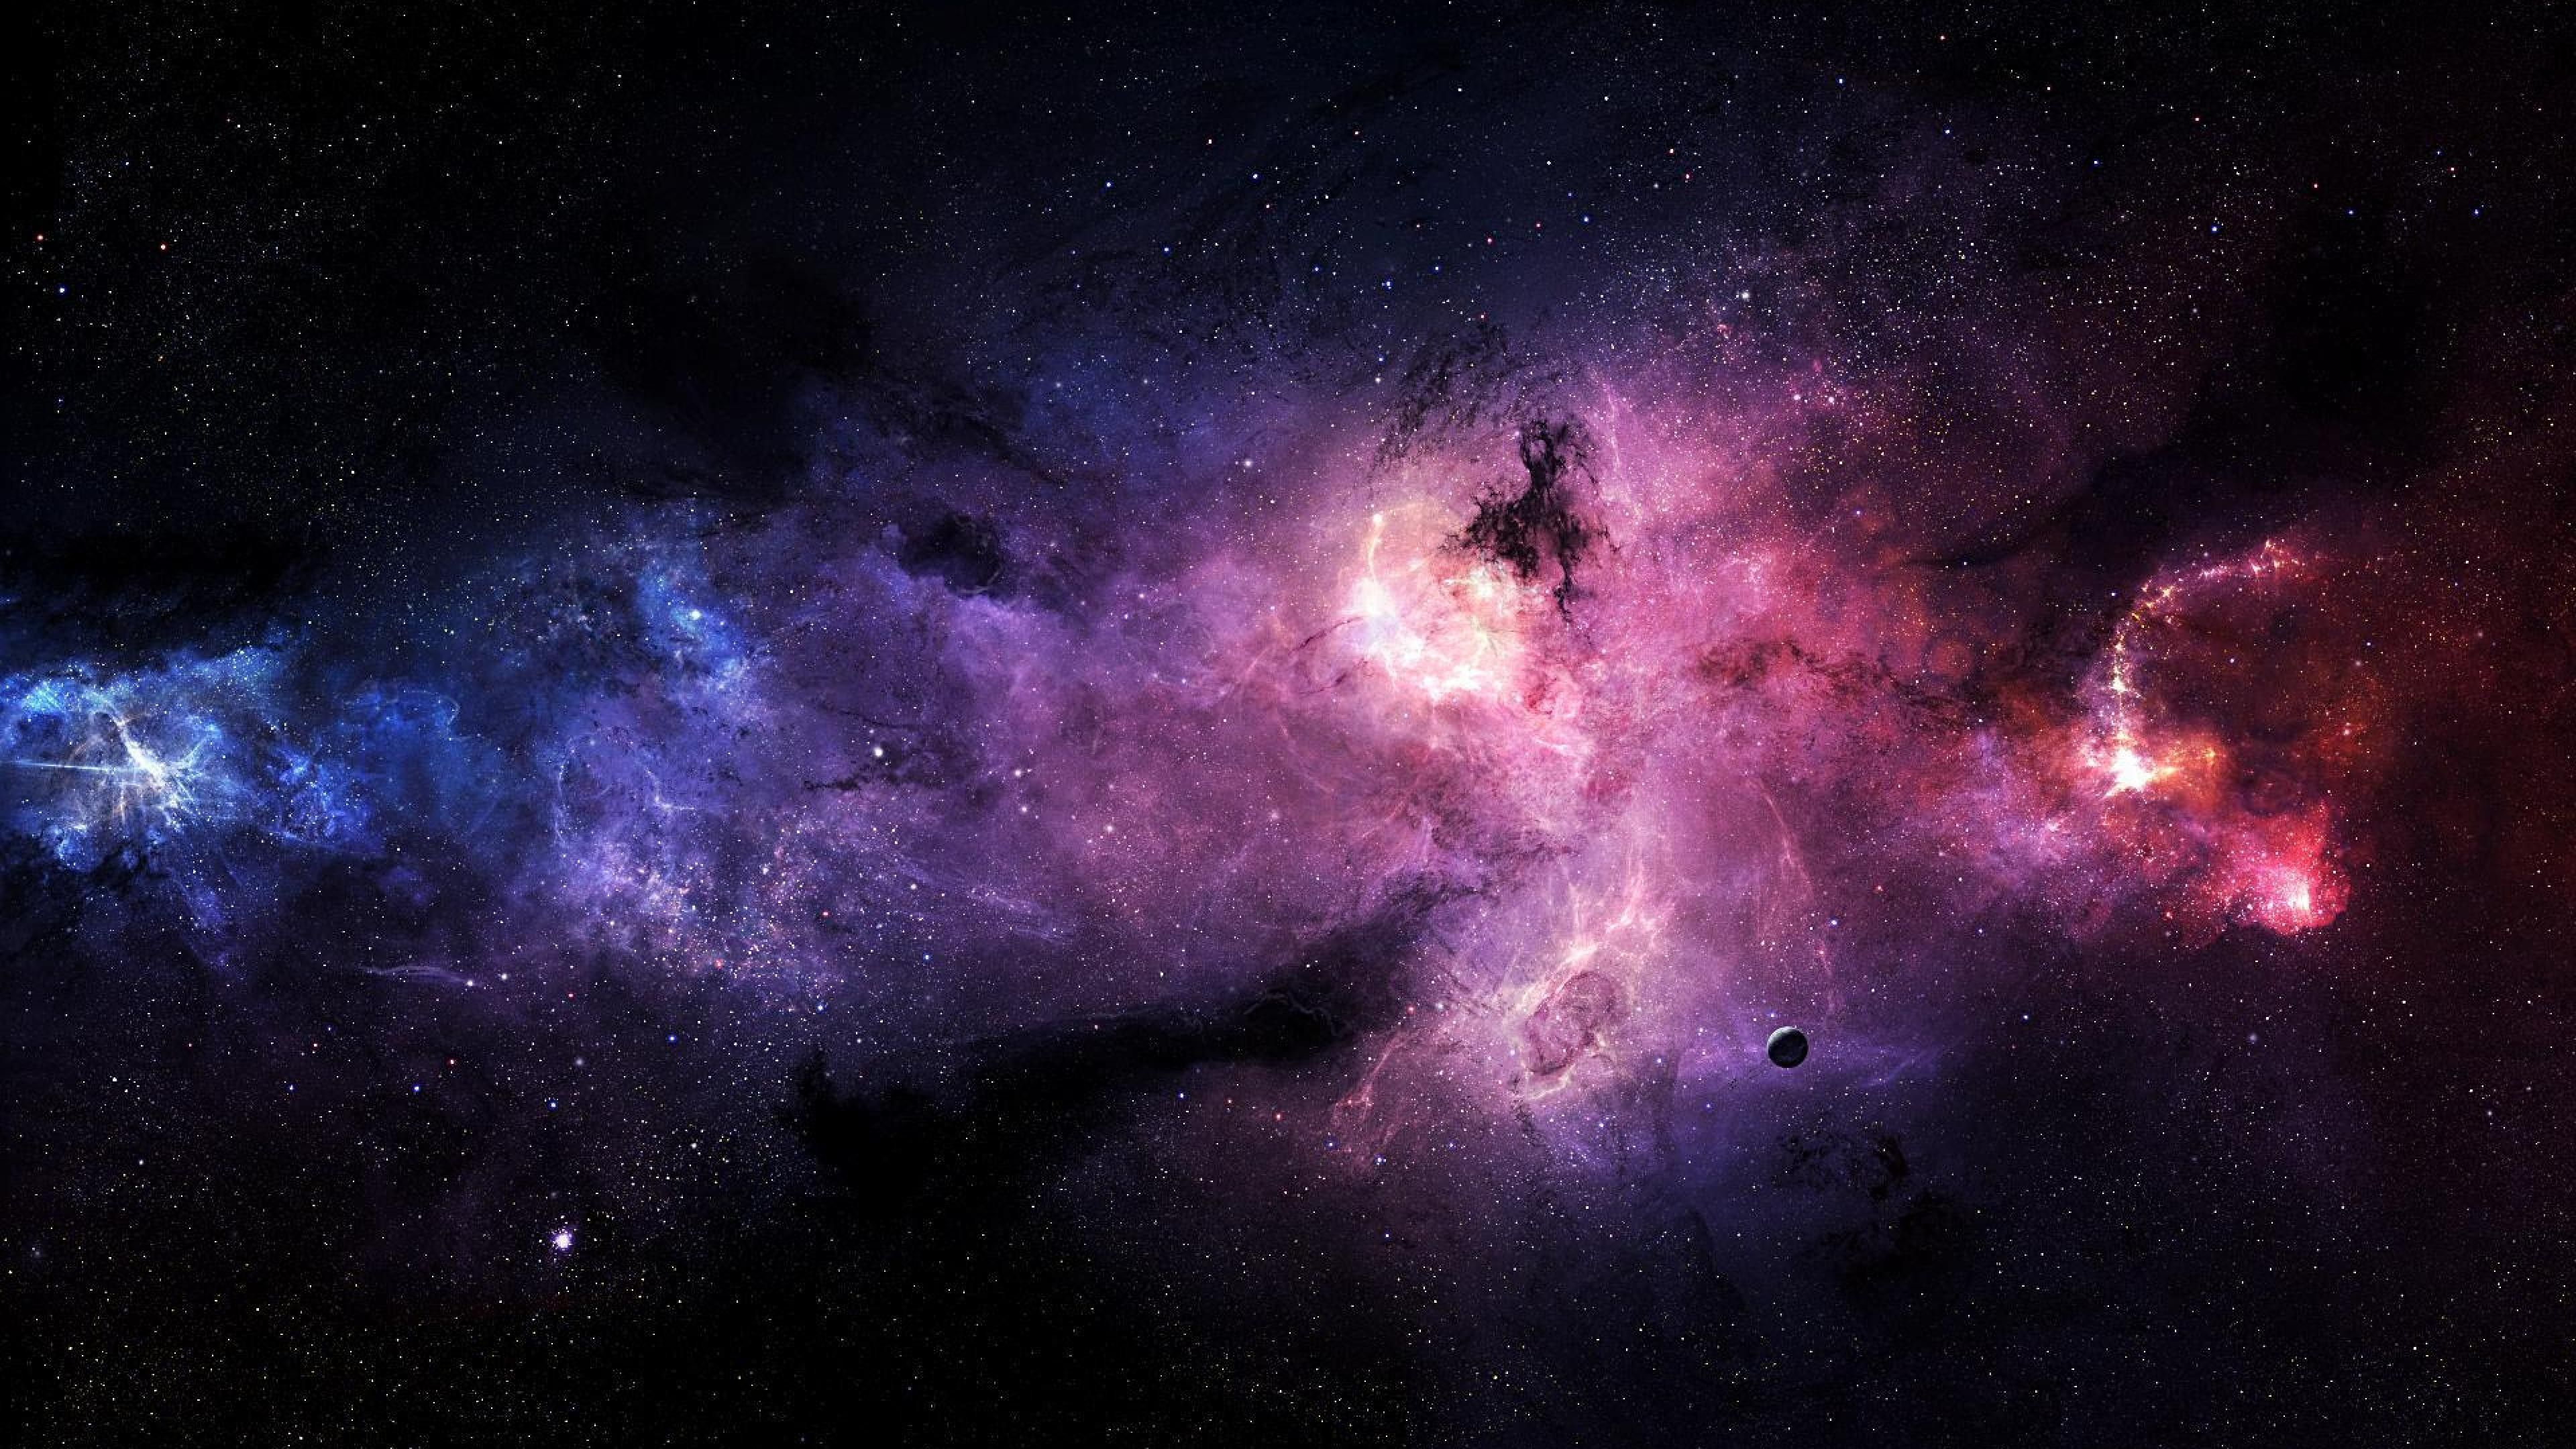 Space Desktop 4k Wallpapers Wallpaper Cave